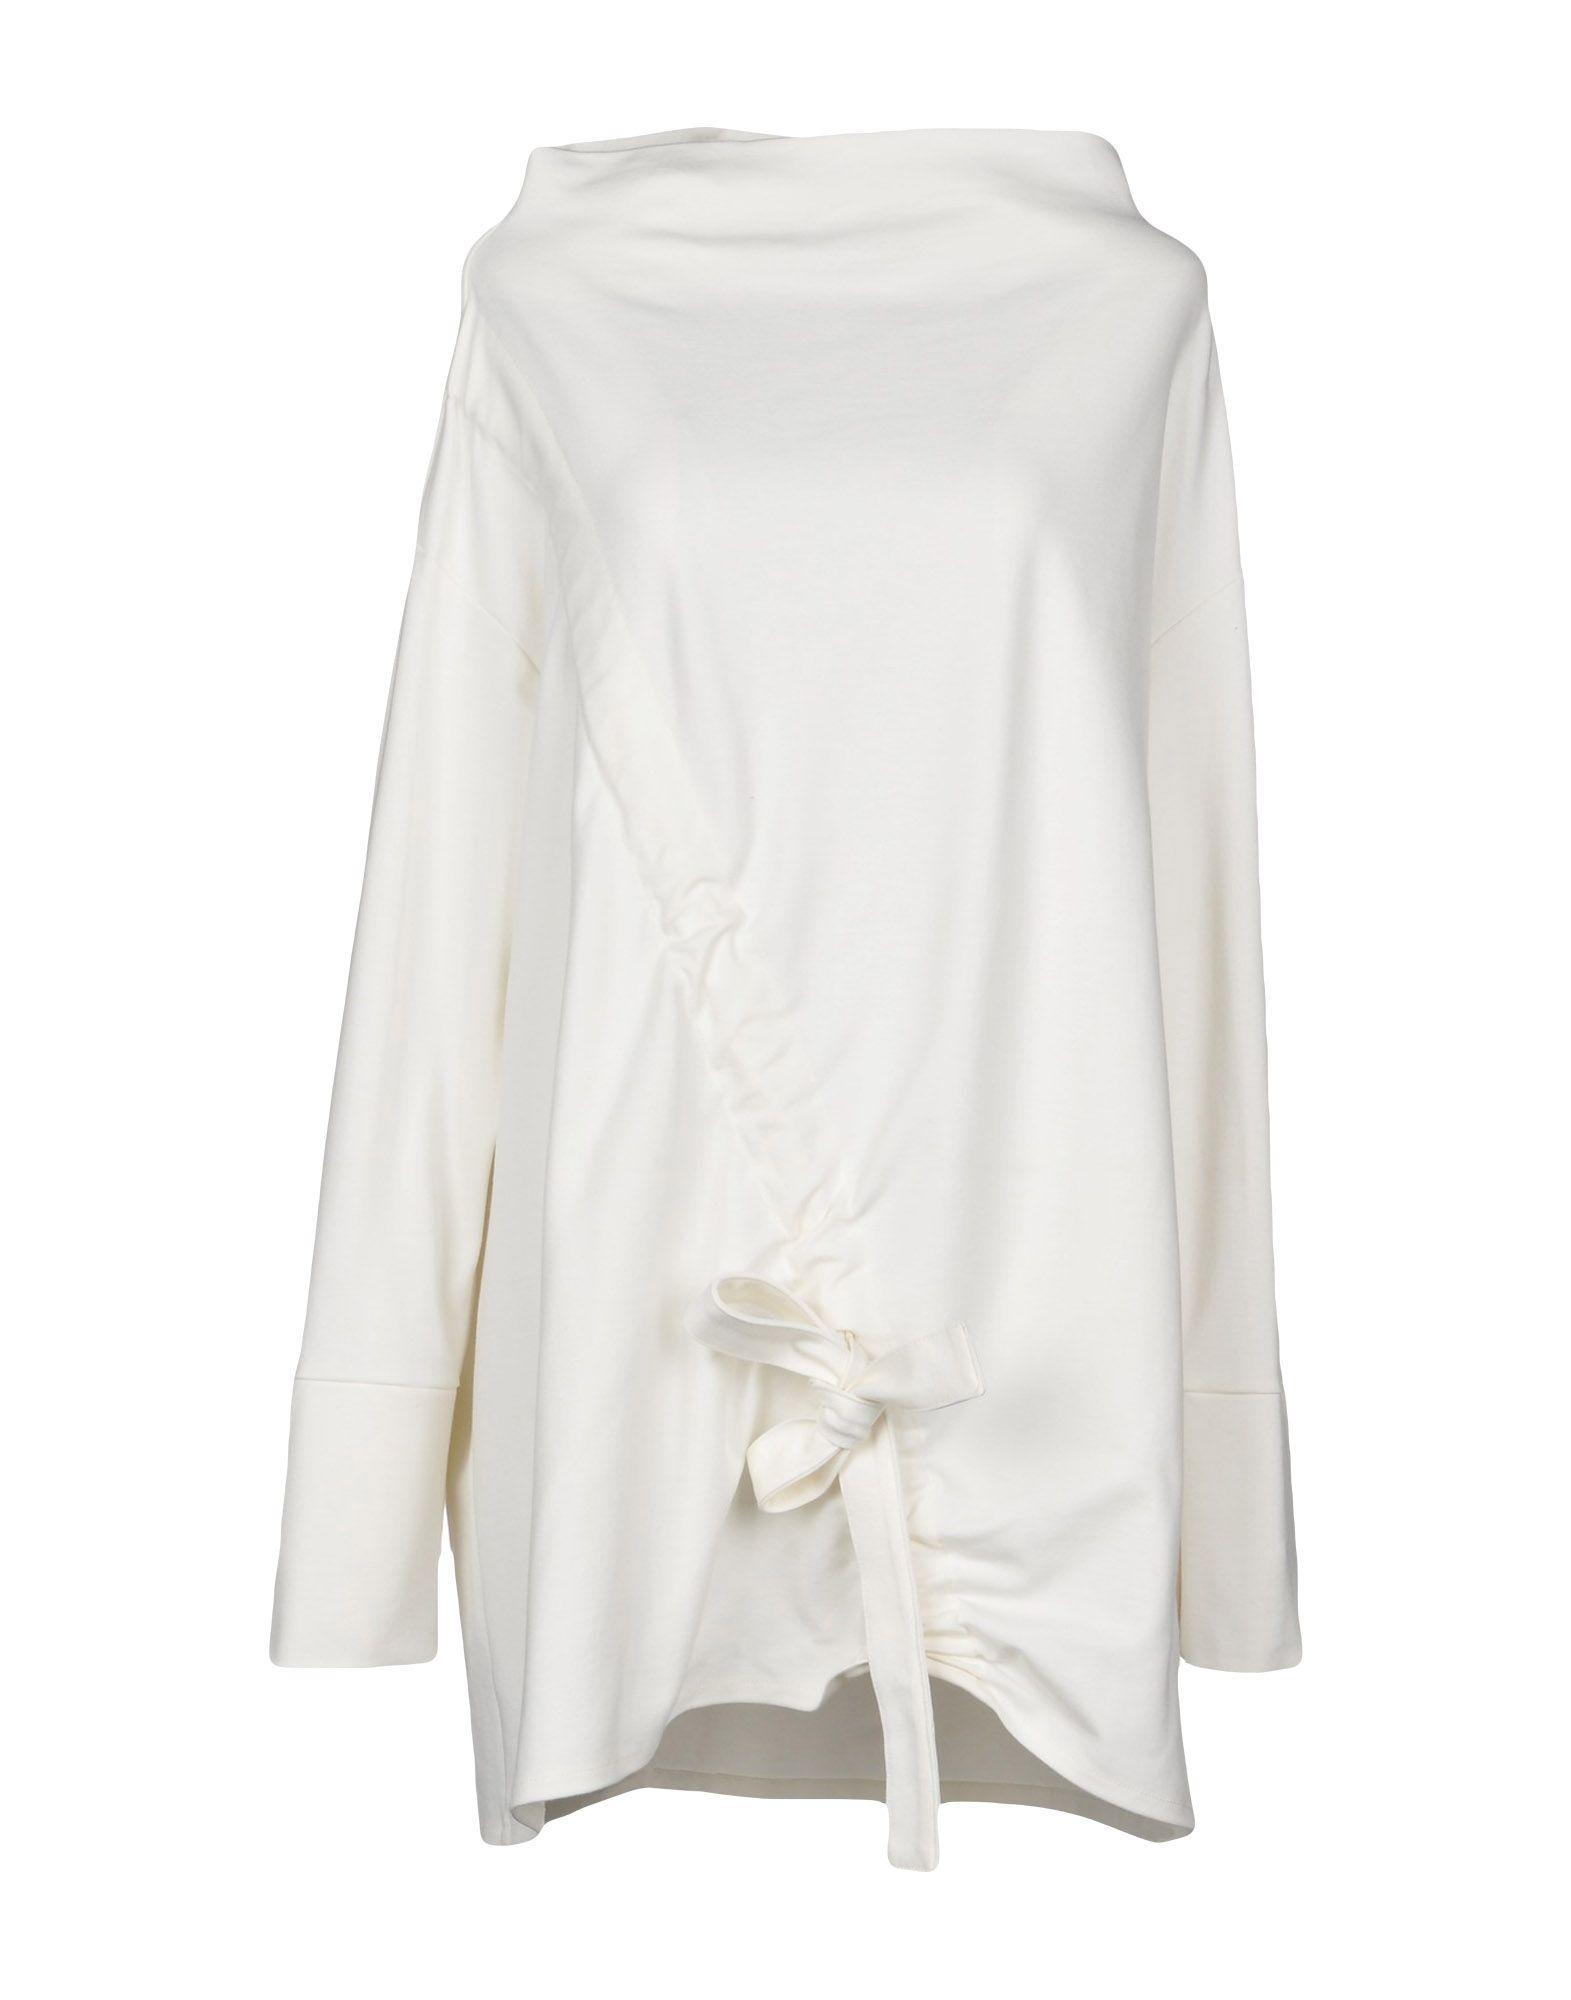 CORINNA CAON Блузка цены онлайн